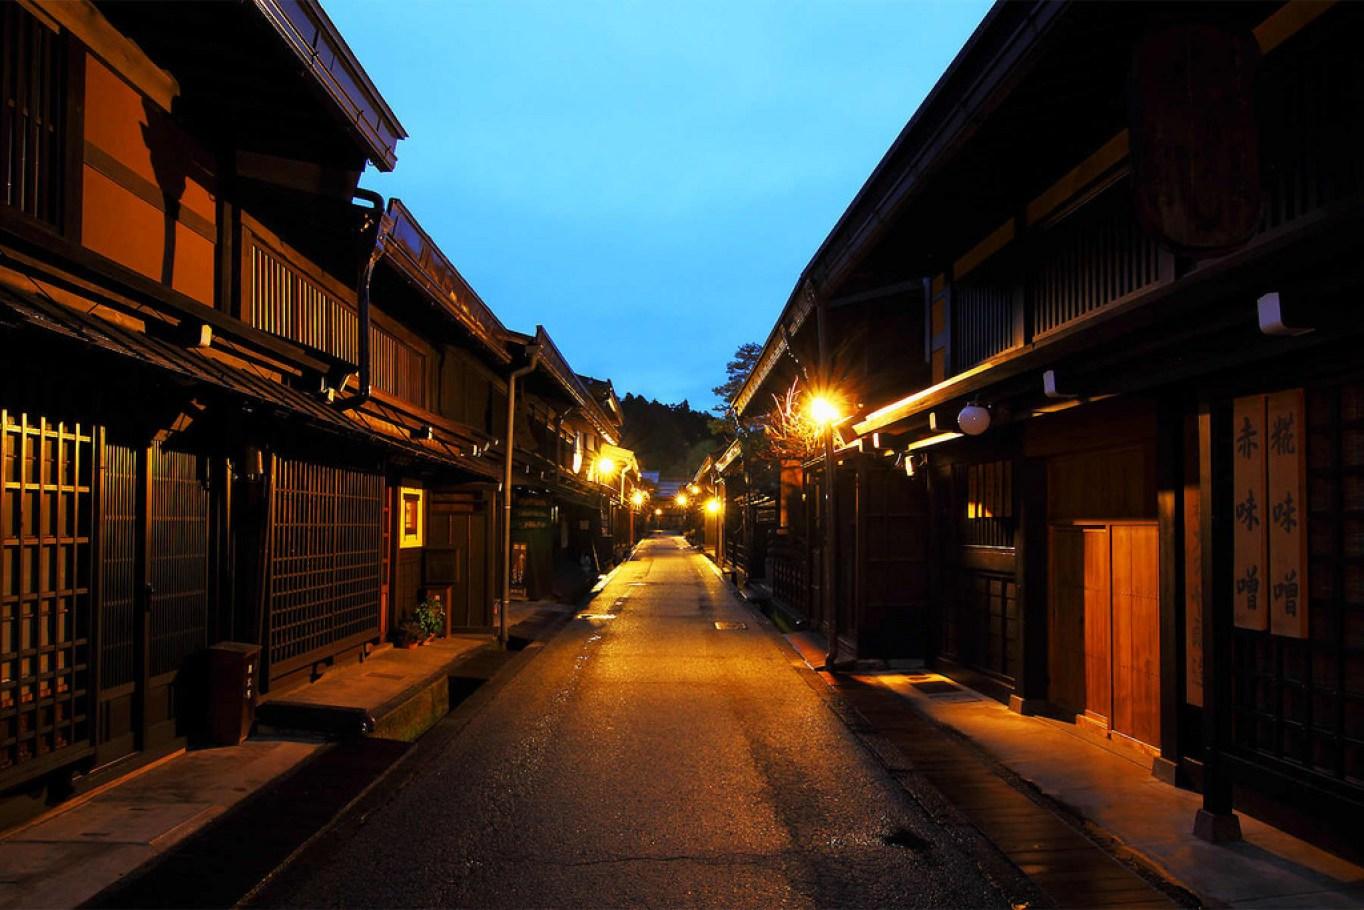 sitios-que-no-te-puedes-perder-en-japon-takanayama